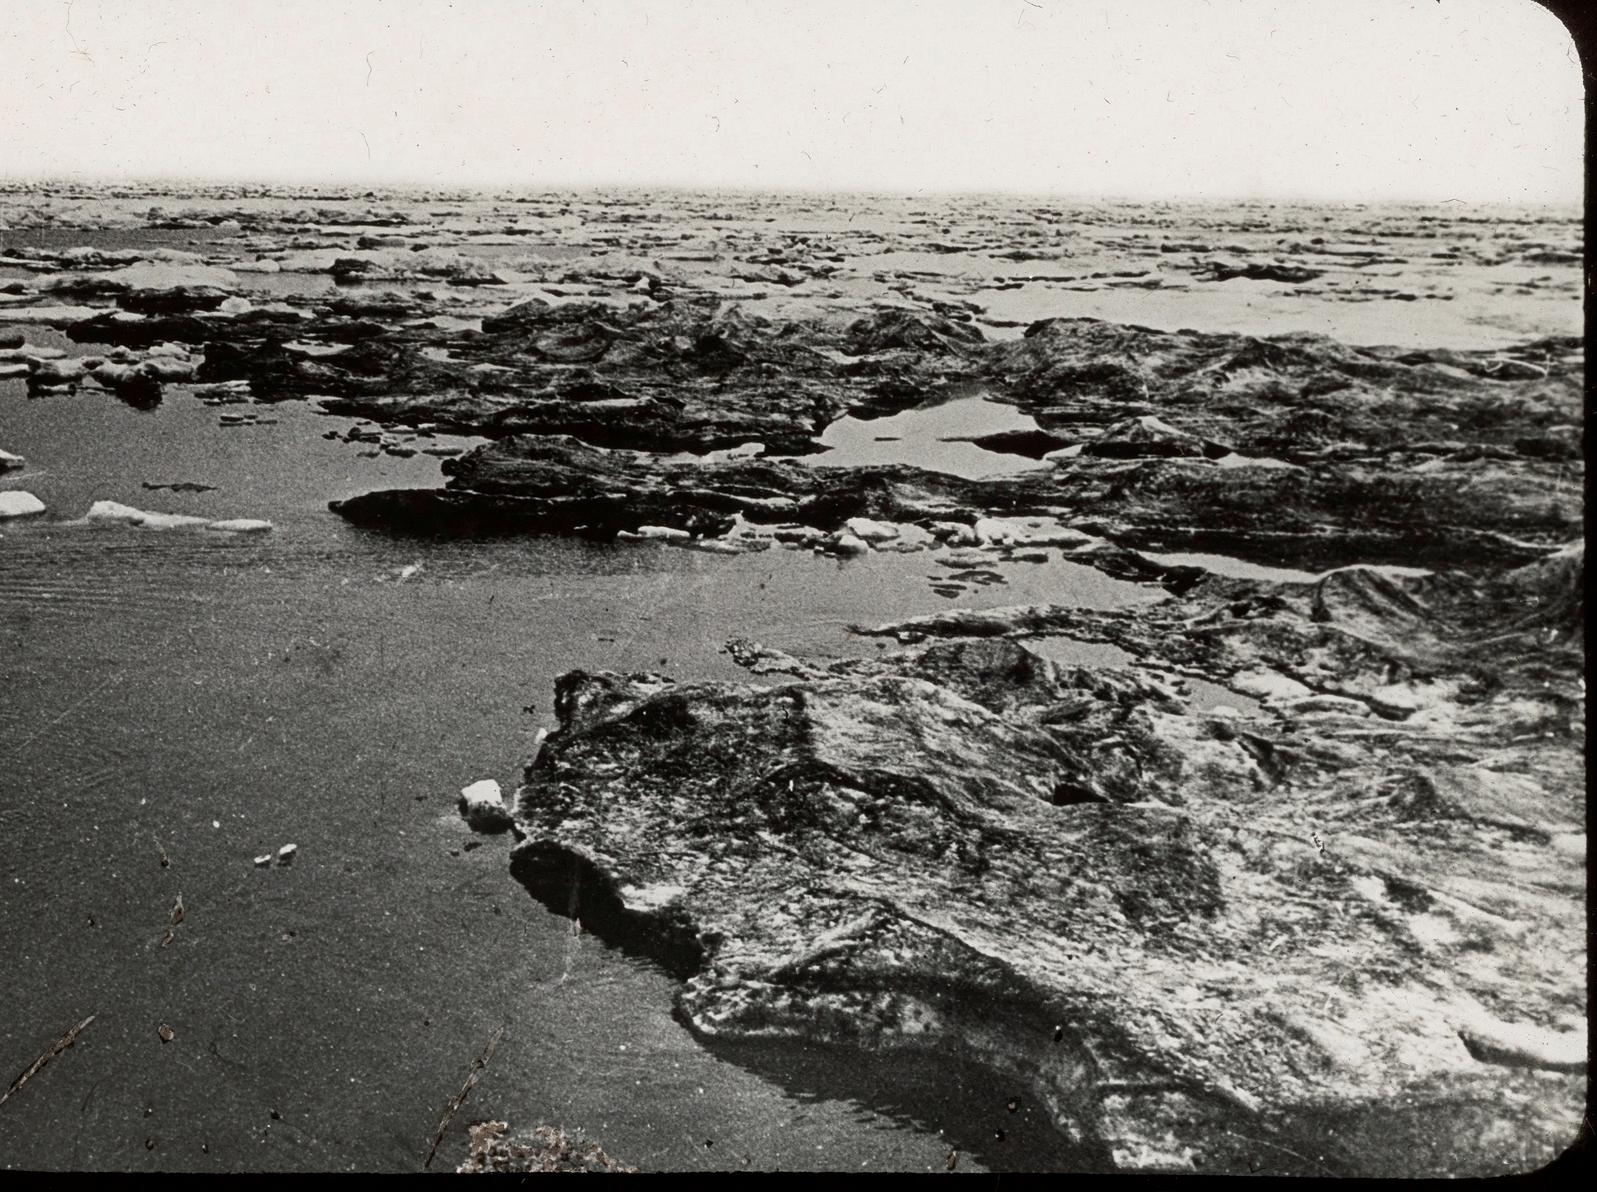 Карское море. Черная грязь льда